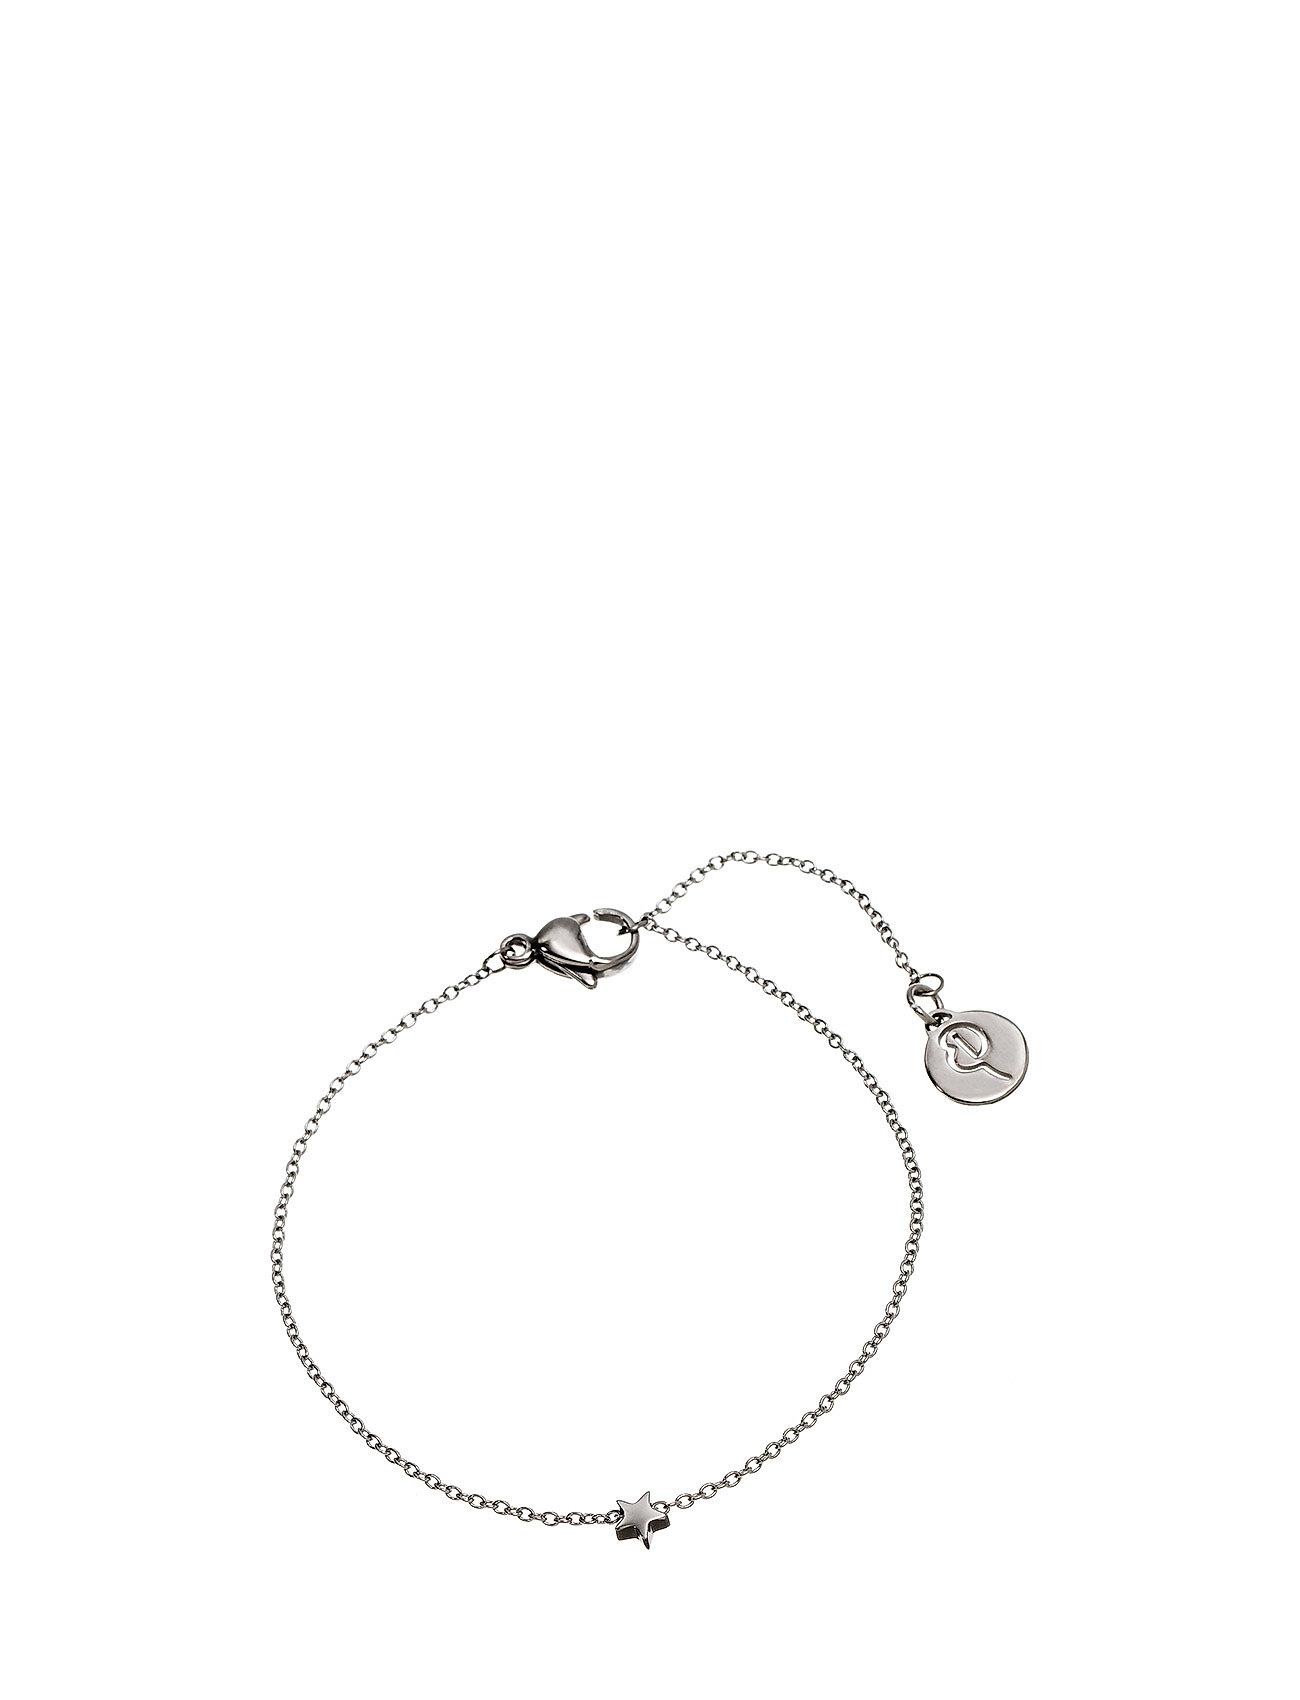 Star bracelet mini fra edblad på boozt.com dk